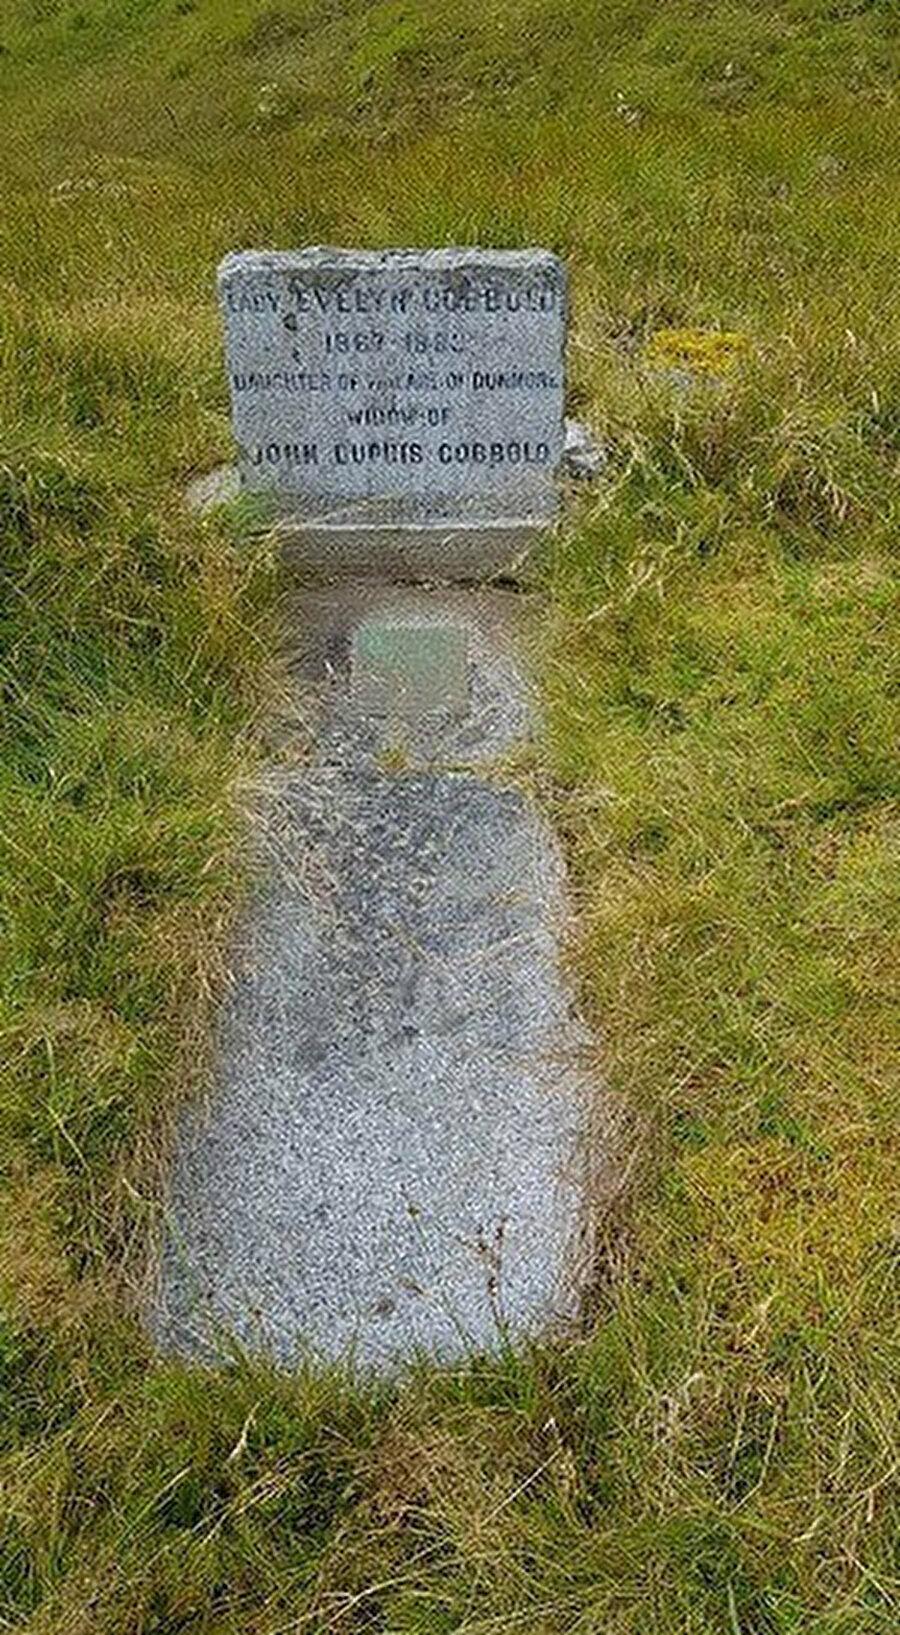 """Lady Evely Cobbold'ın mezarı. Zeynep'in mezar taşında, """"Allahu nur-us-samavati val ard"""", """"Allah, göklerin ve yerin nurudur."""" ayeti yer alır."""